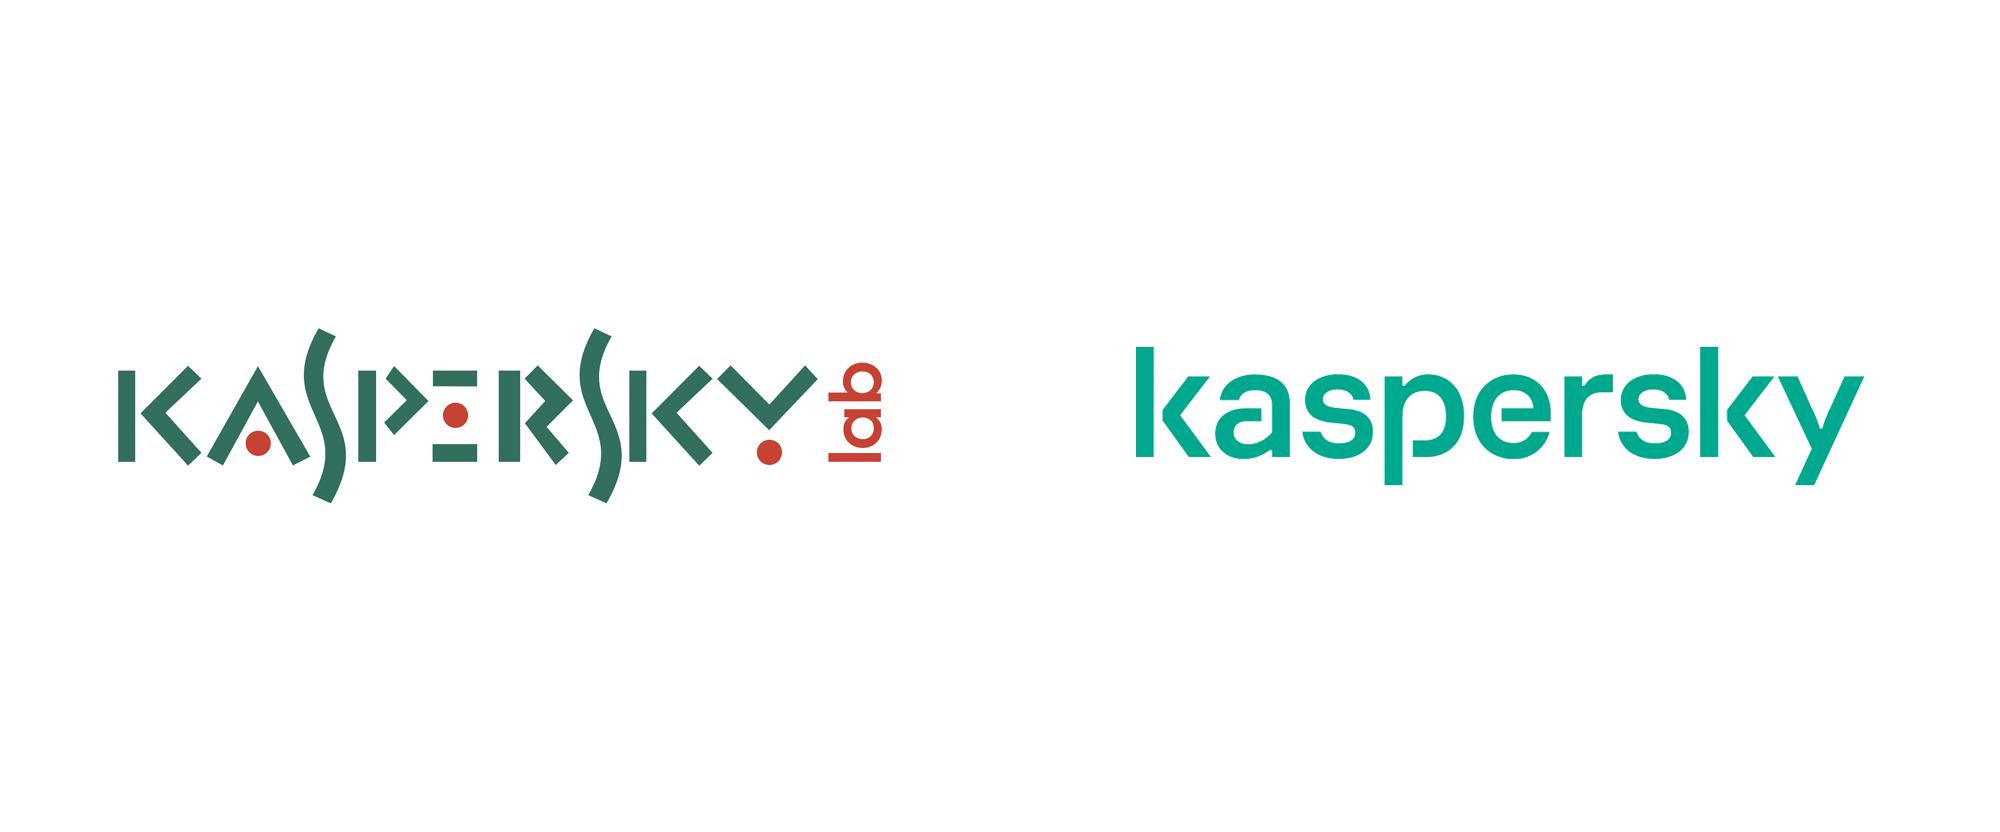 Brand New: New Logo for Kaspersky.